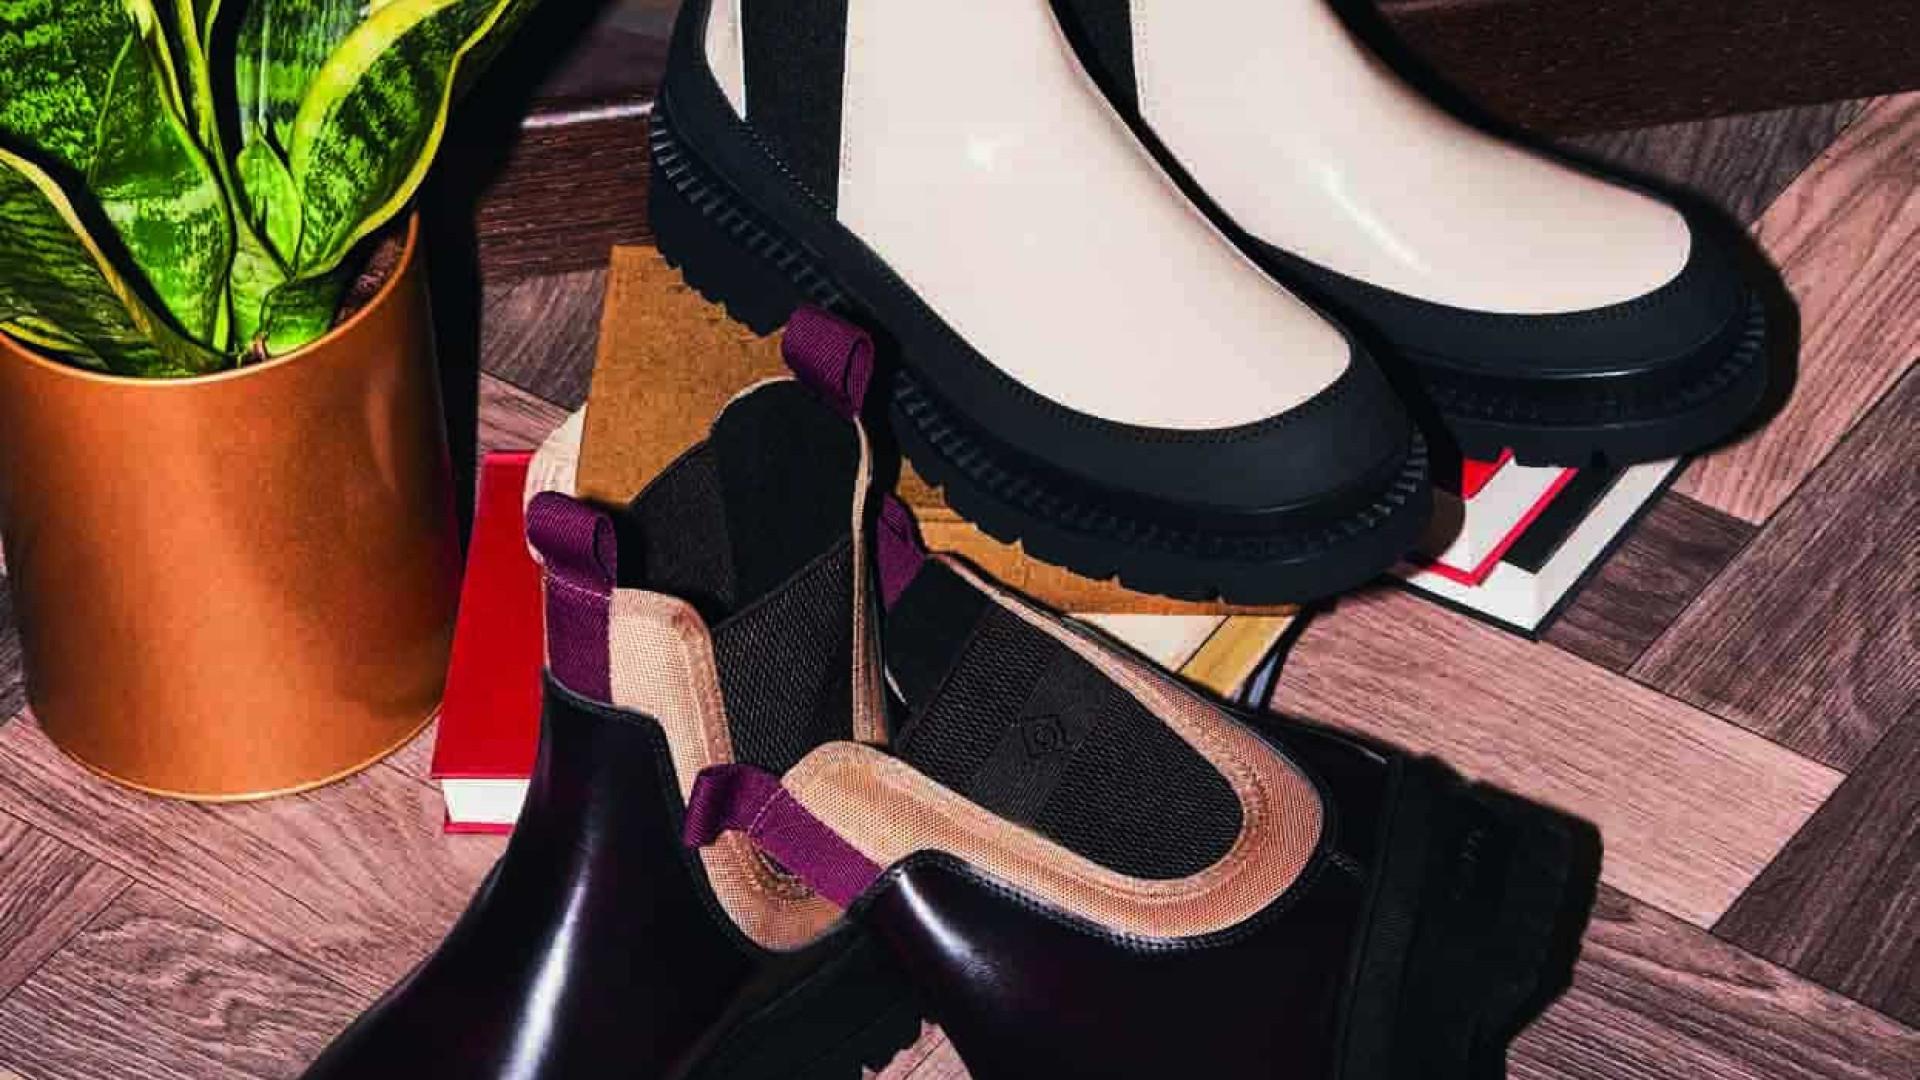 GANT Footwear apresenta coleção inspirada no estilo 'preppy' dos anos 70